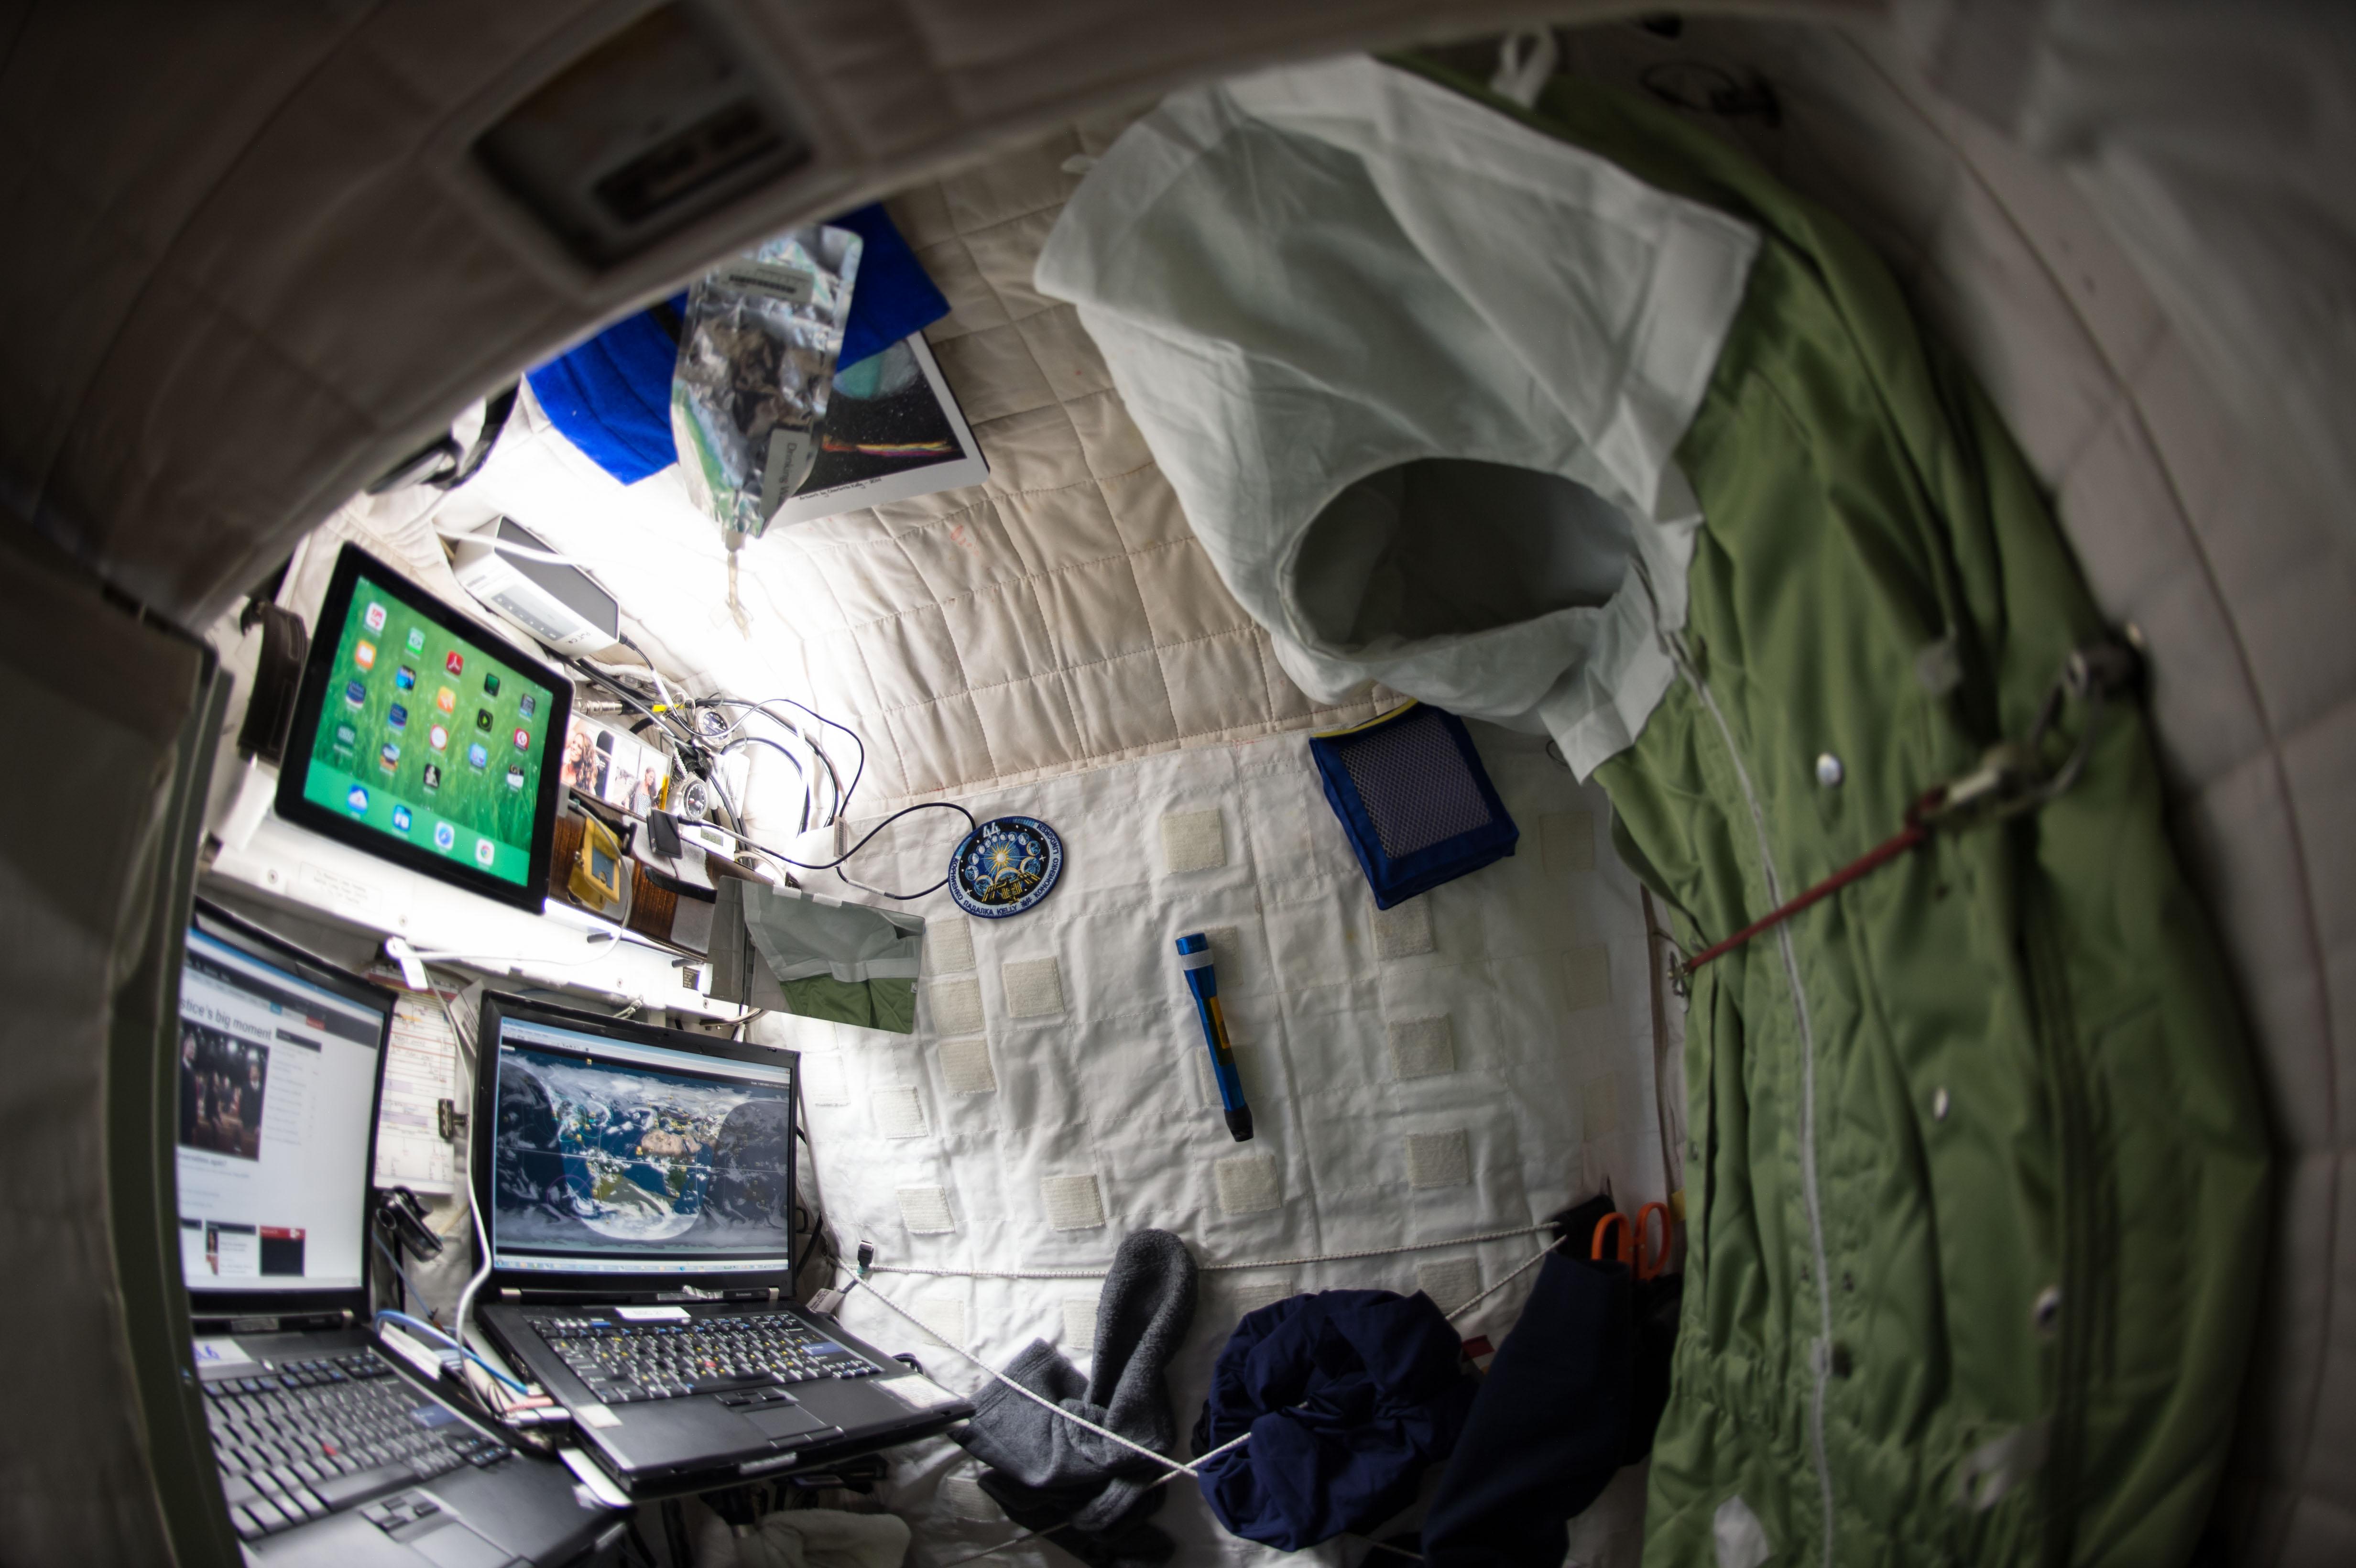 6月27日:国際宇宙ステーション、スコットケリーの居住区 - 天文・宇宙探査ニュース:画像を中心とした「新しい宇宙 ...